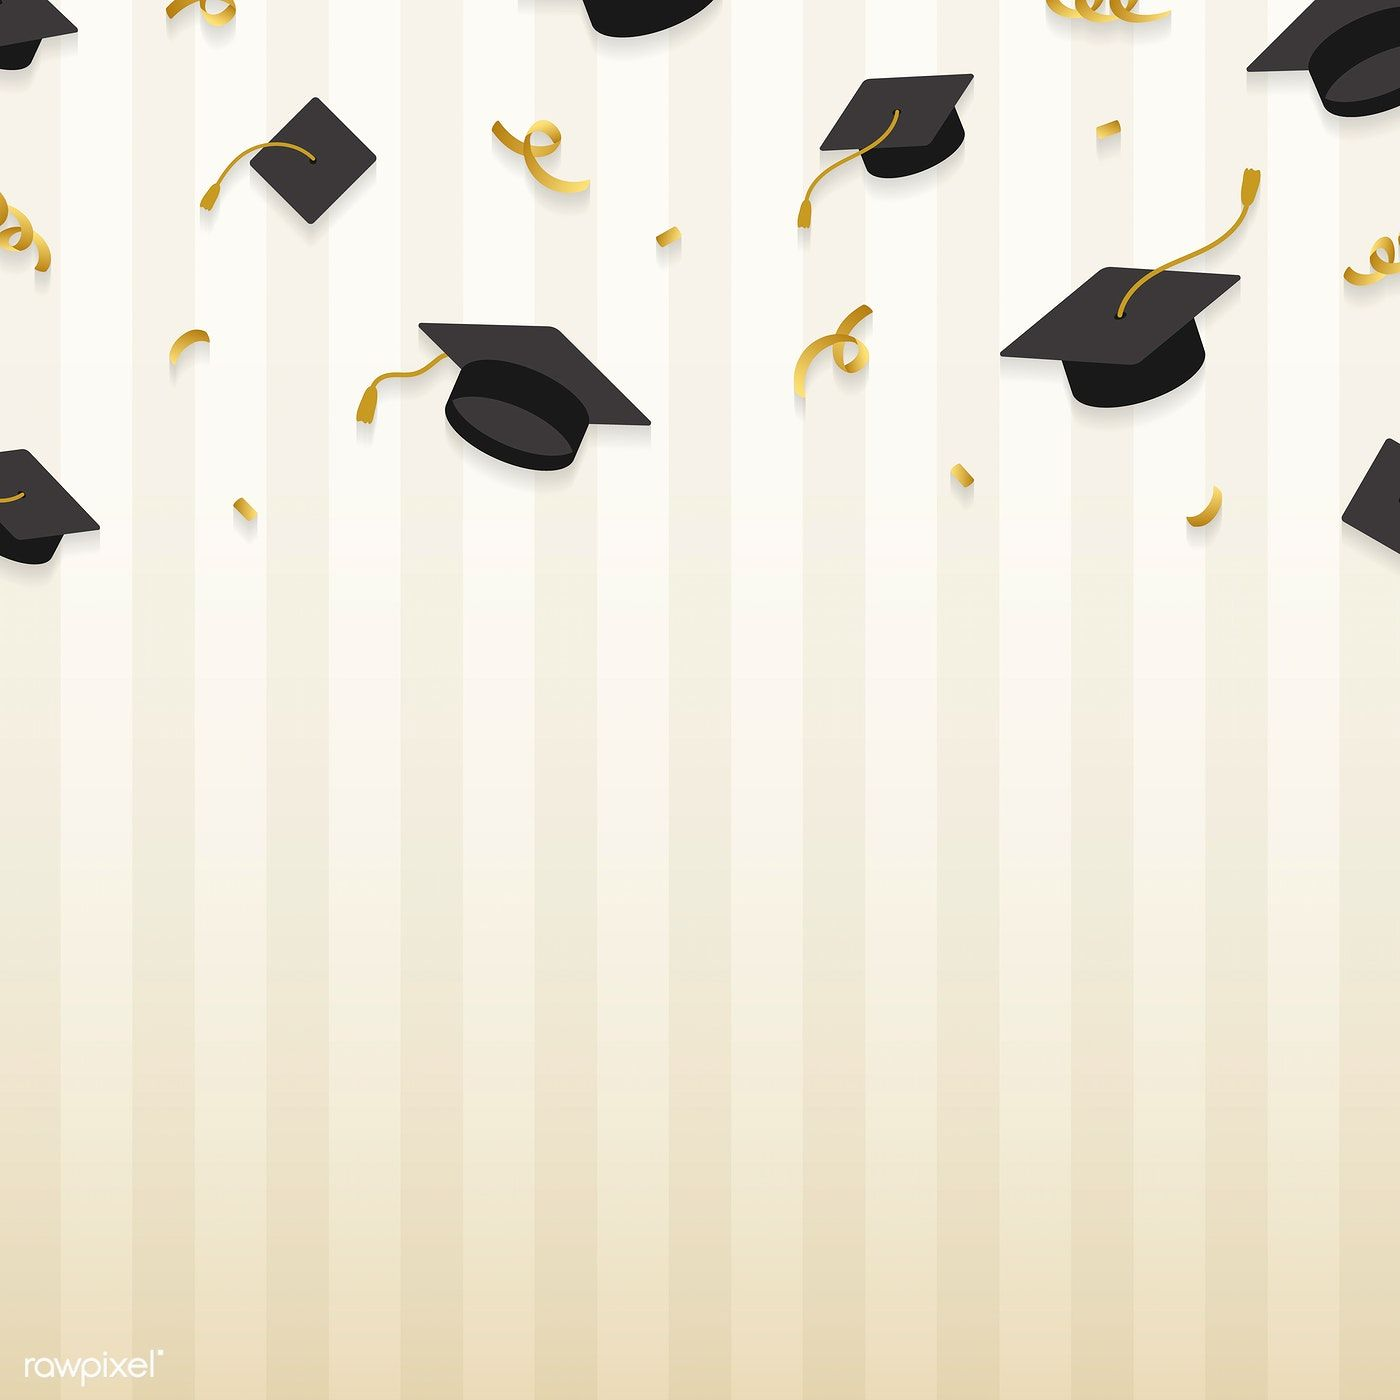 صور تخرج 2021 رمزيات مبروك التخرج Graduation Images Graduation Party Decor Graduation Photo Frame